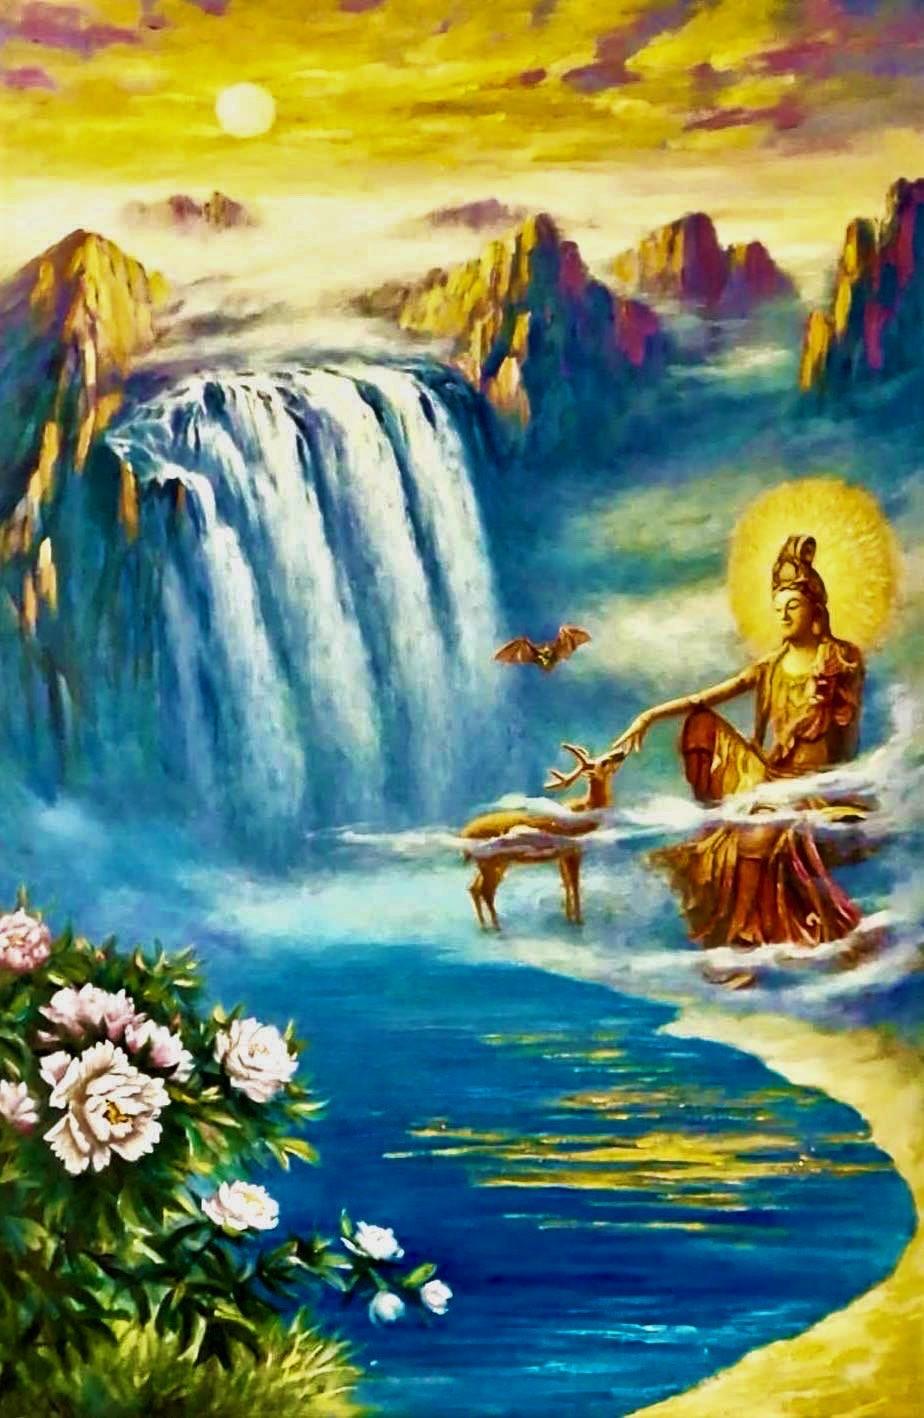 Cecilia Aisian-Gioro-Bodhisattva Ceremony -Original Oil Painting 60x40